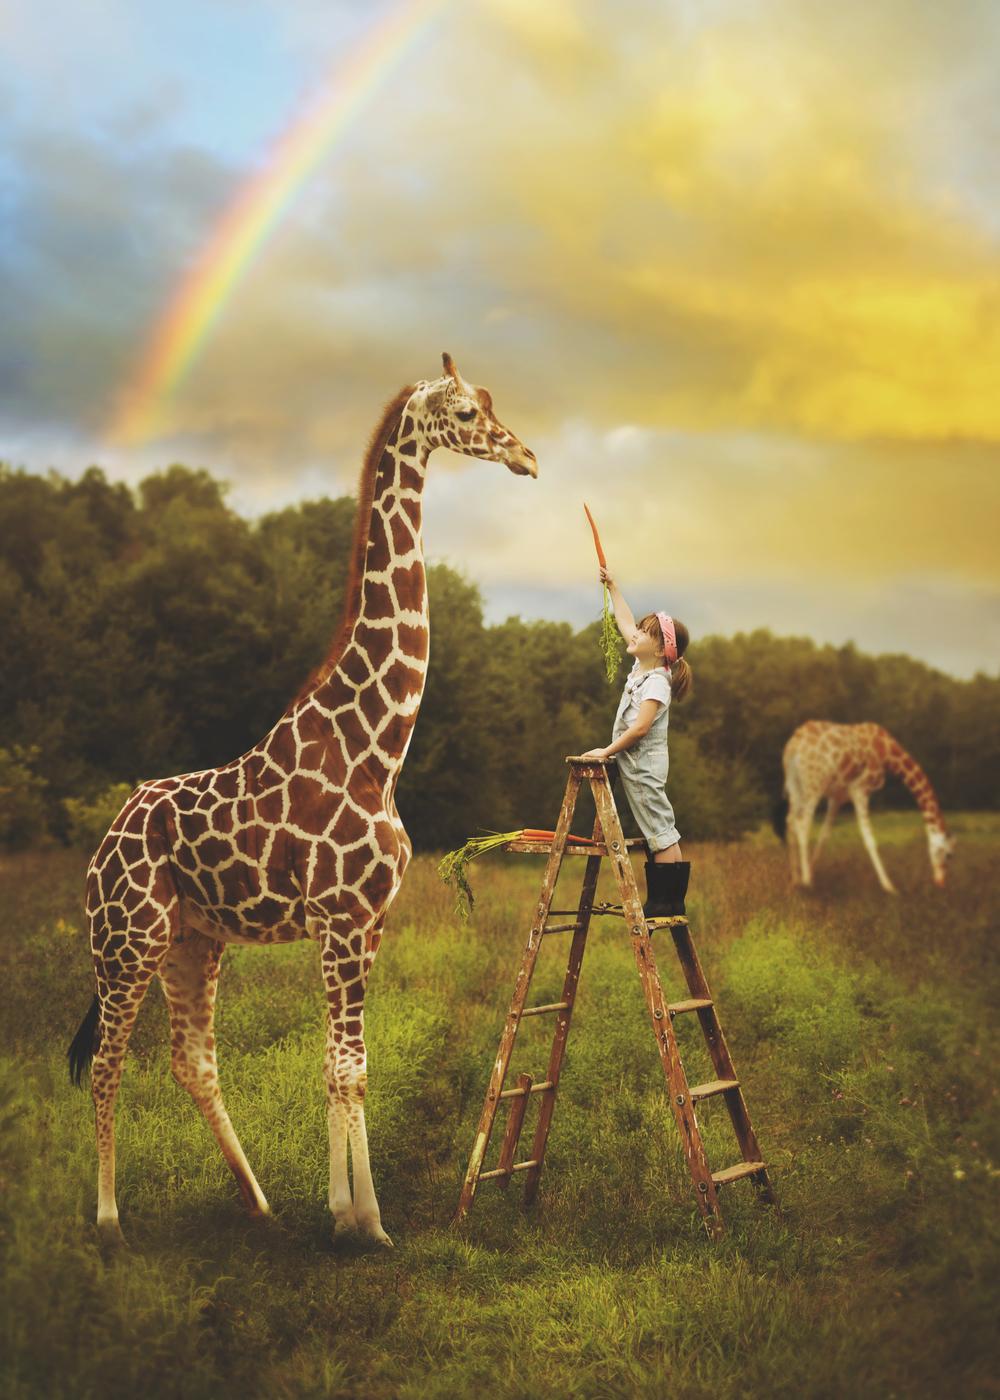 giraffe_karley.jpg